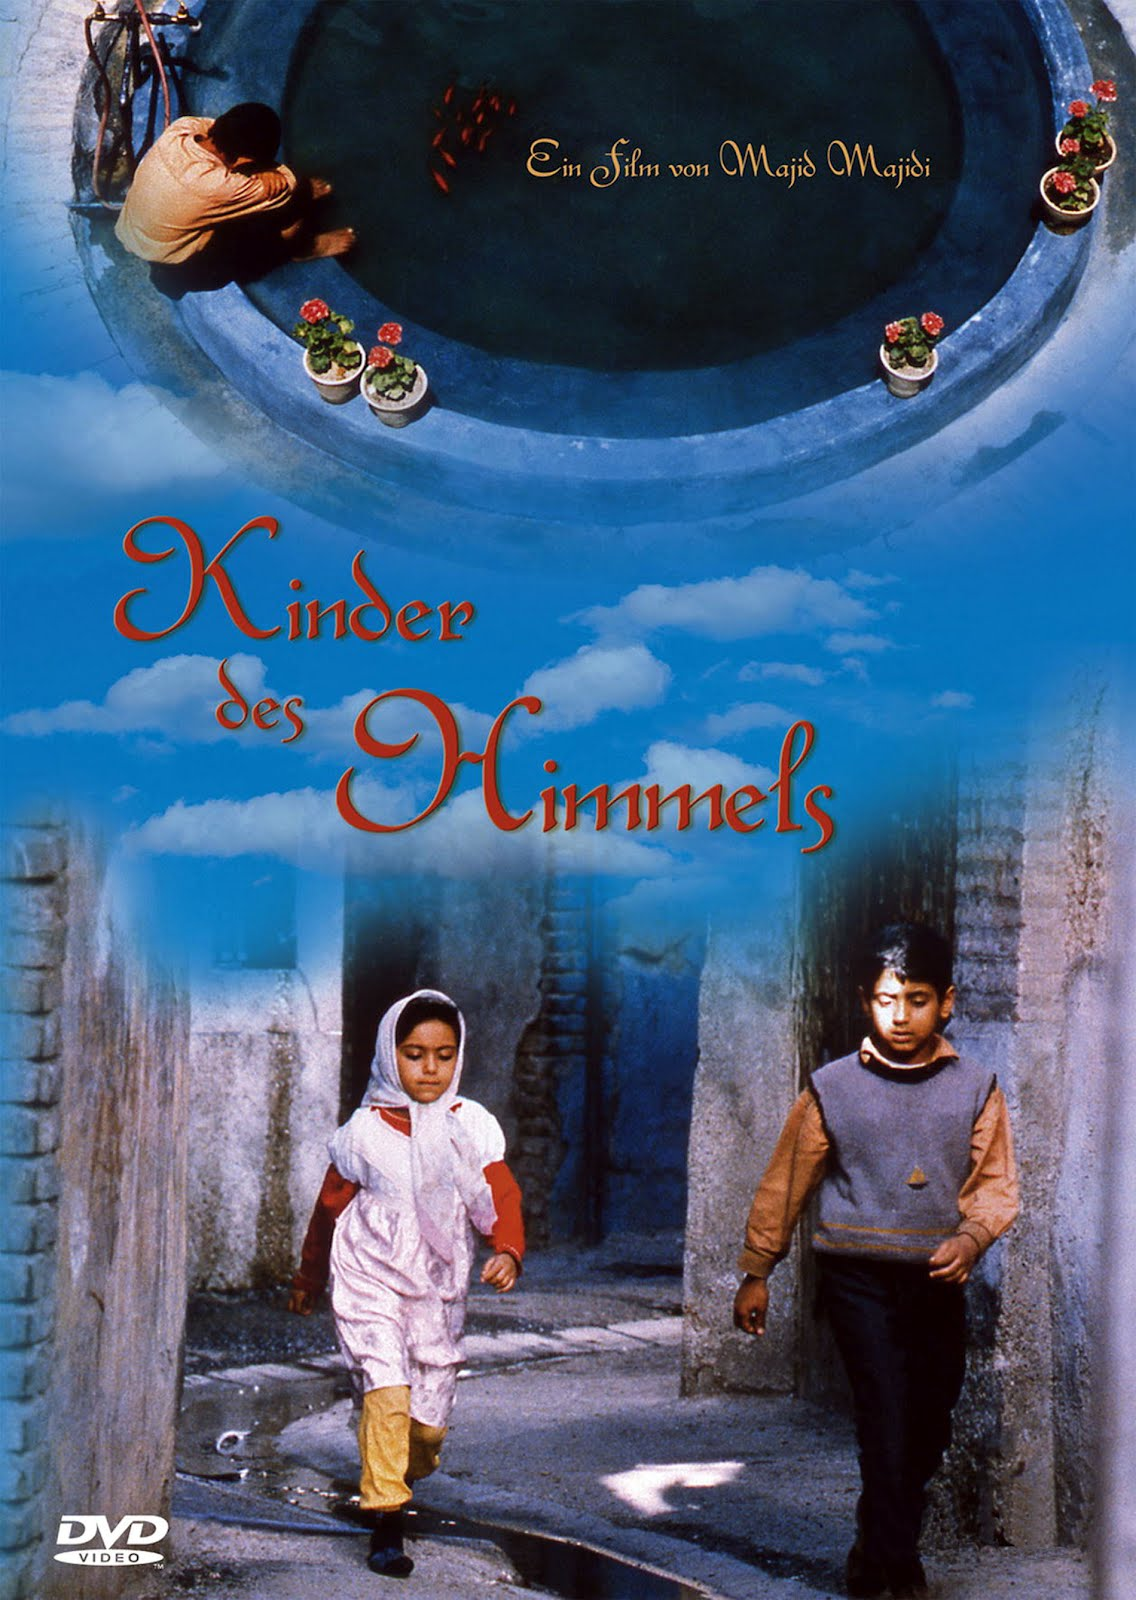 Kinder des Himmels Children of Heaven Movie Poster